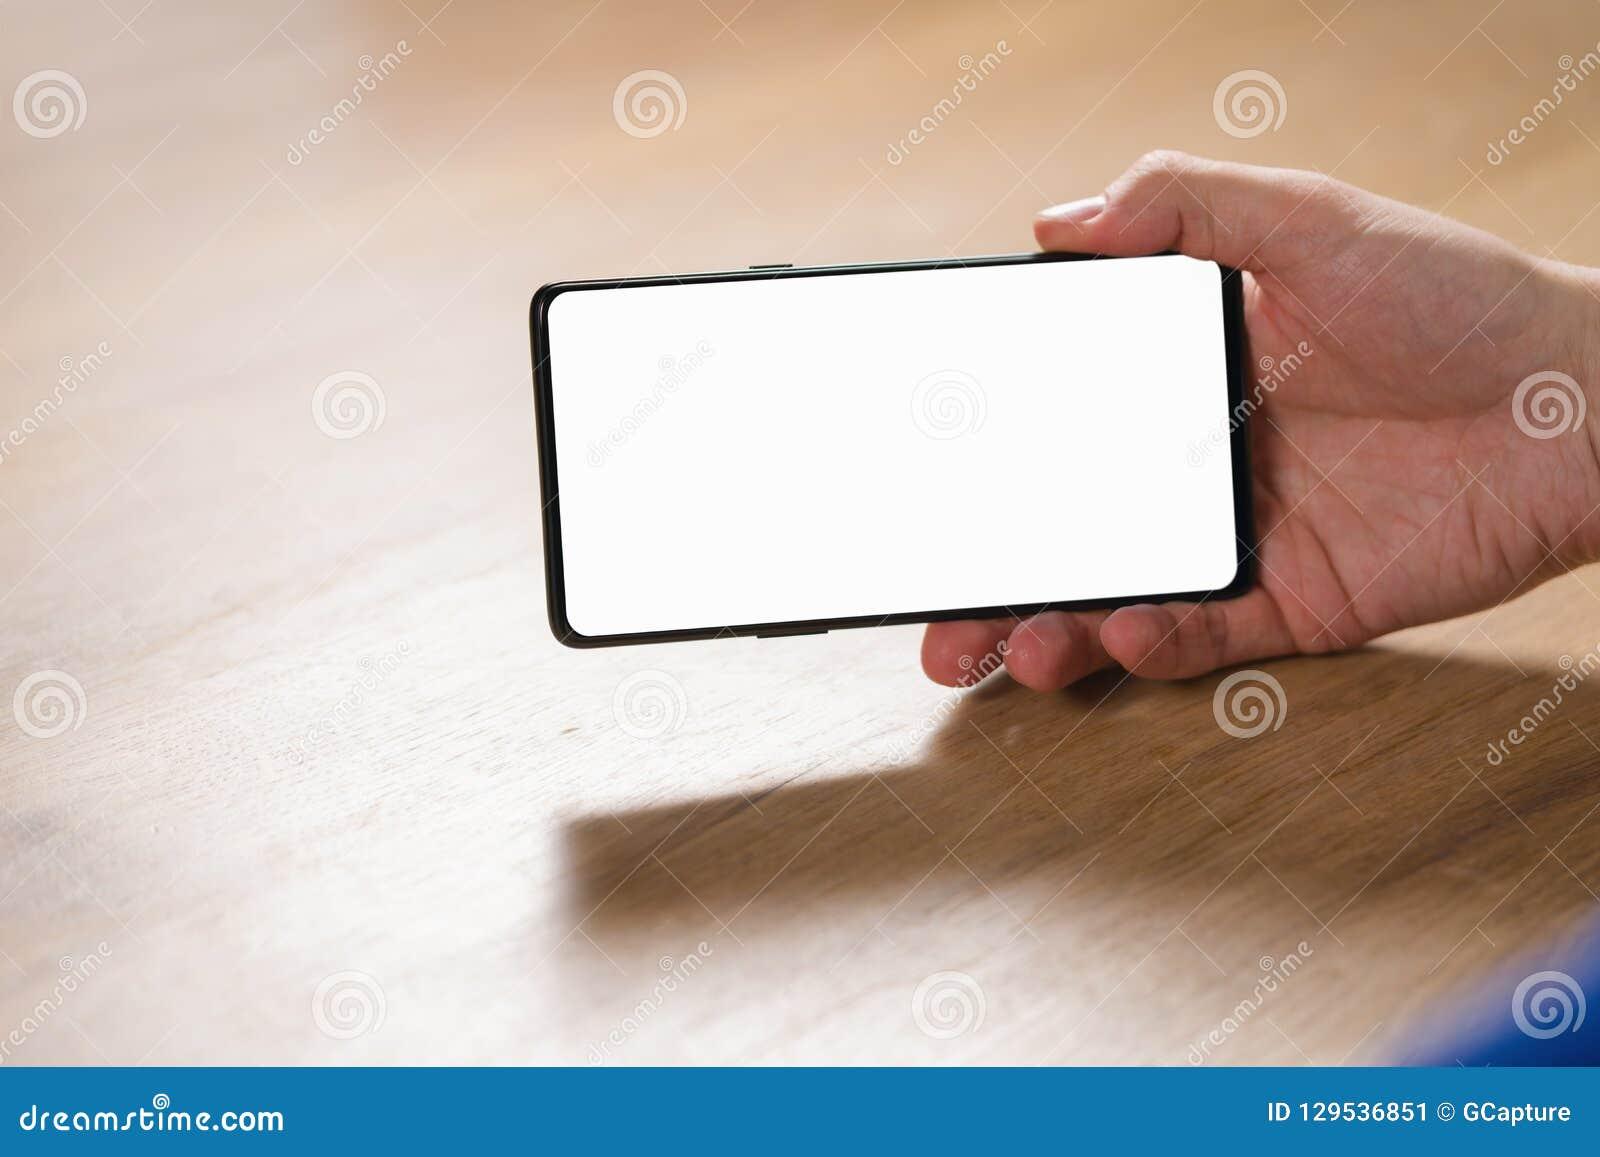 För handinnehav för ung man smartphone med den tomma vita skärmen i landskapfunktionsläge